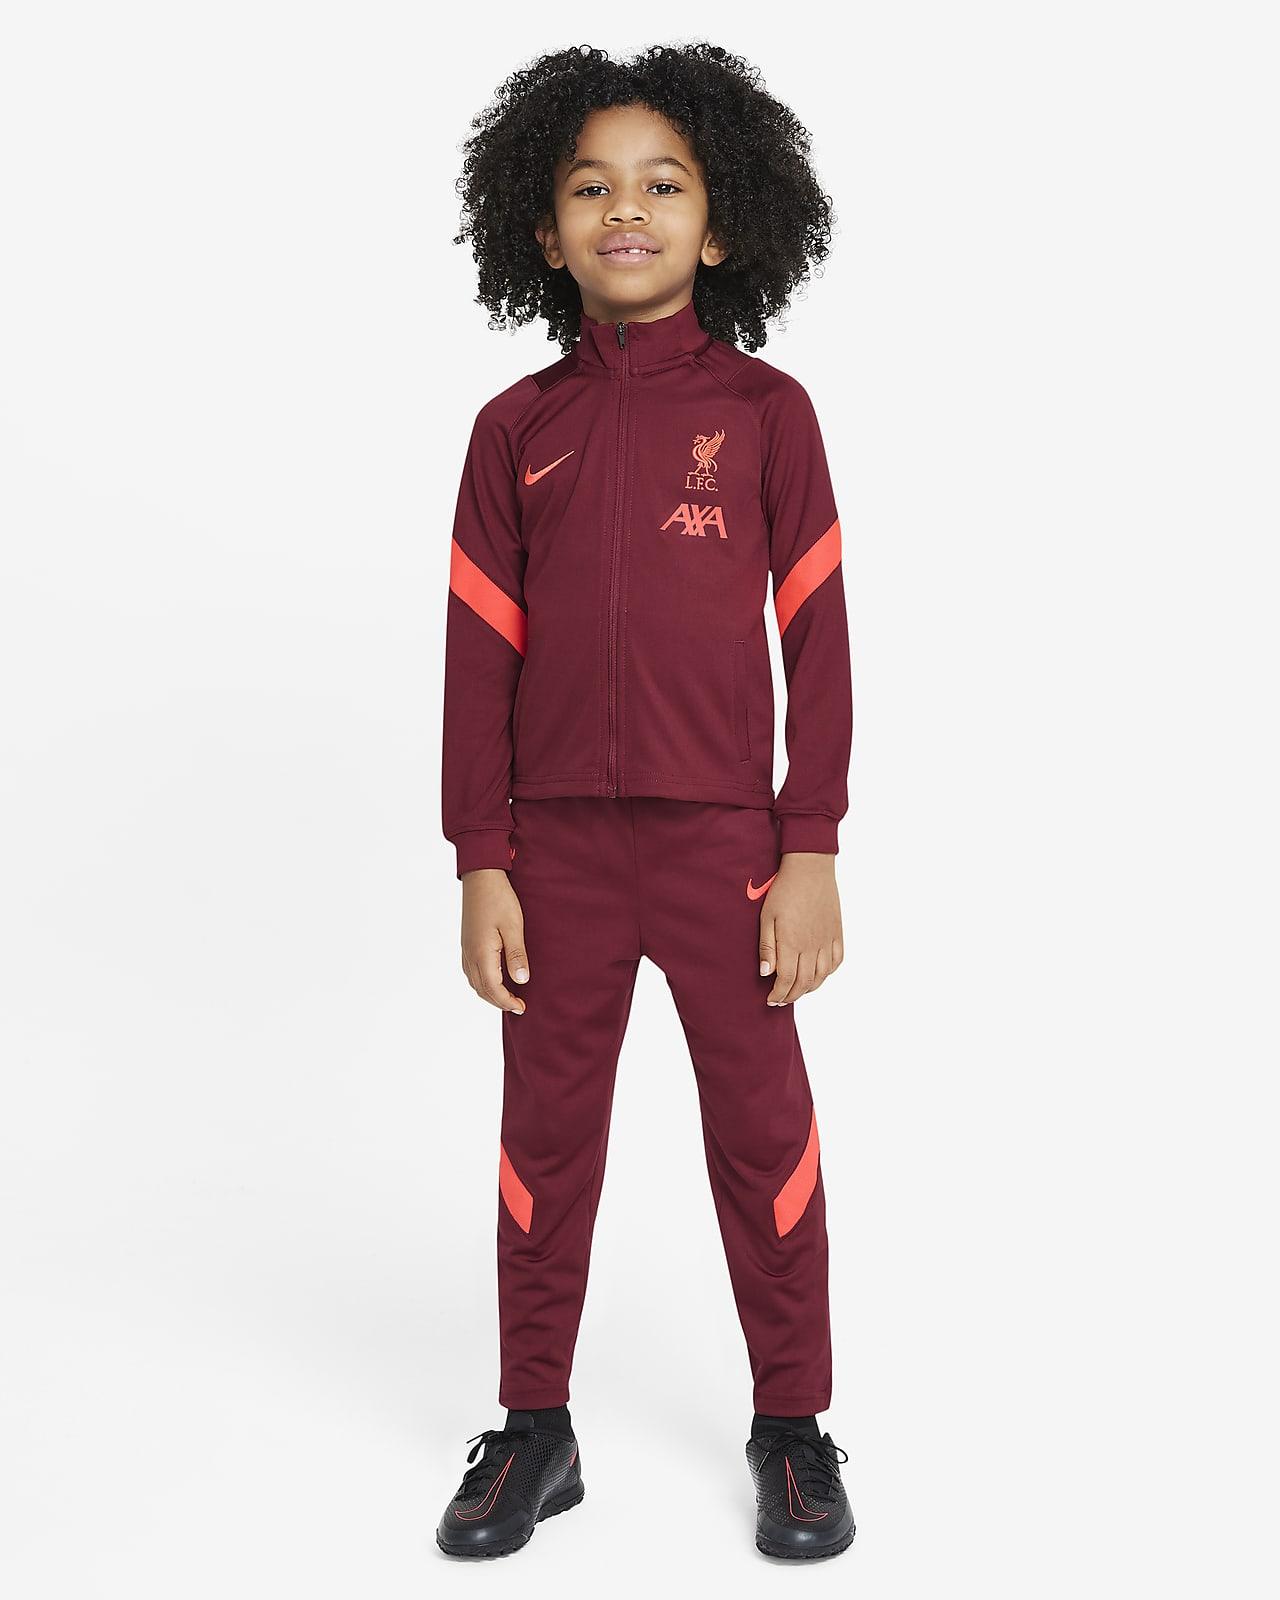 Футбольный костюм для дошкольников Liverpool FC Strike